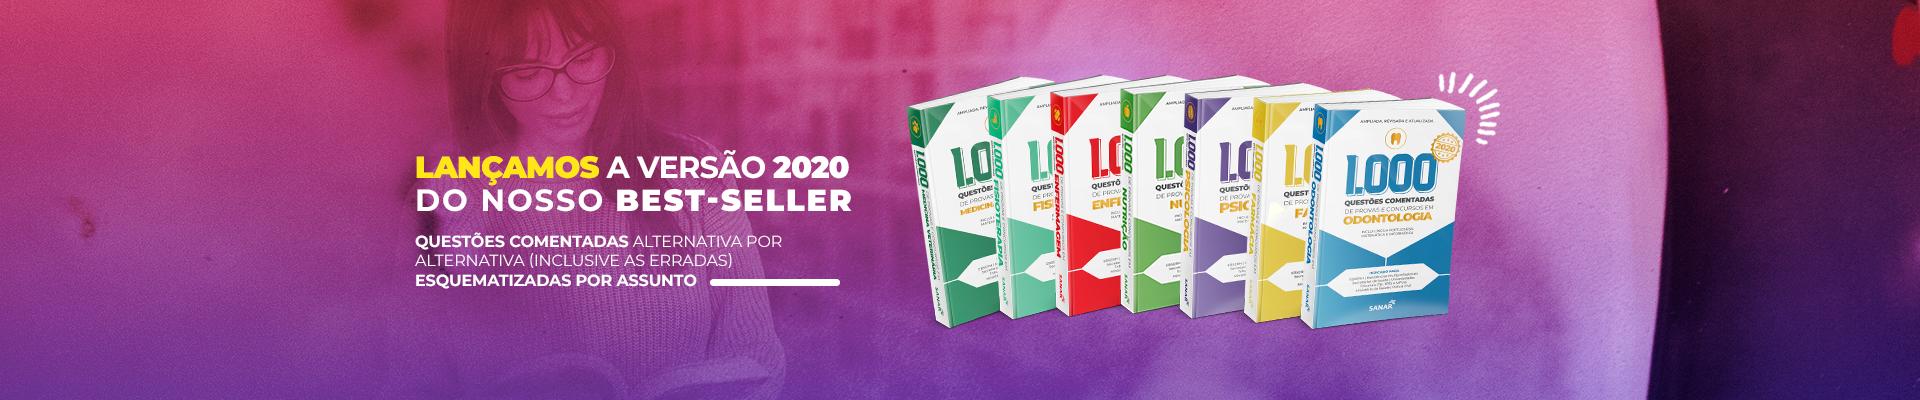 banner-lançamento-1000questões2020